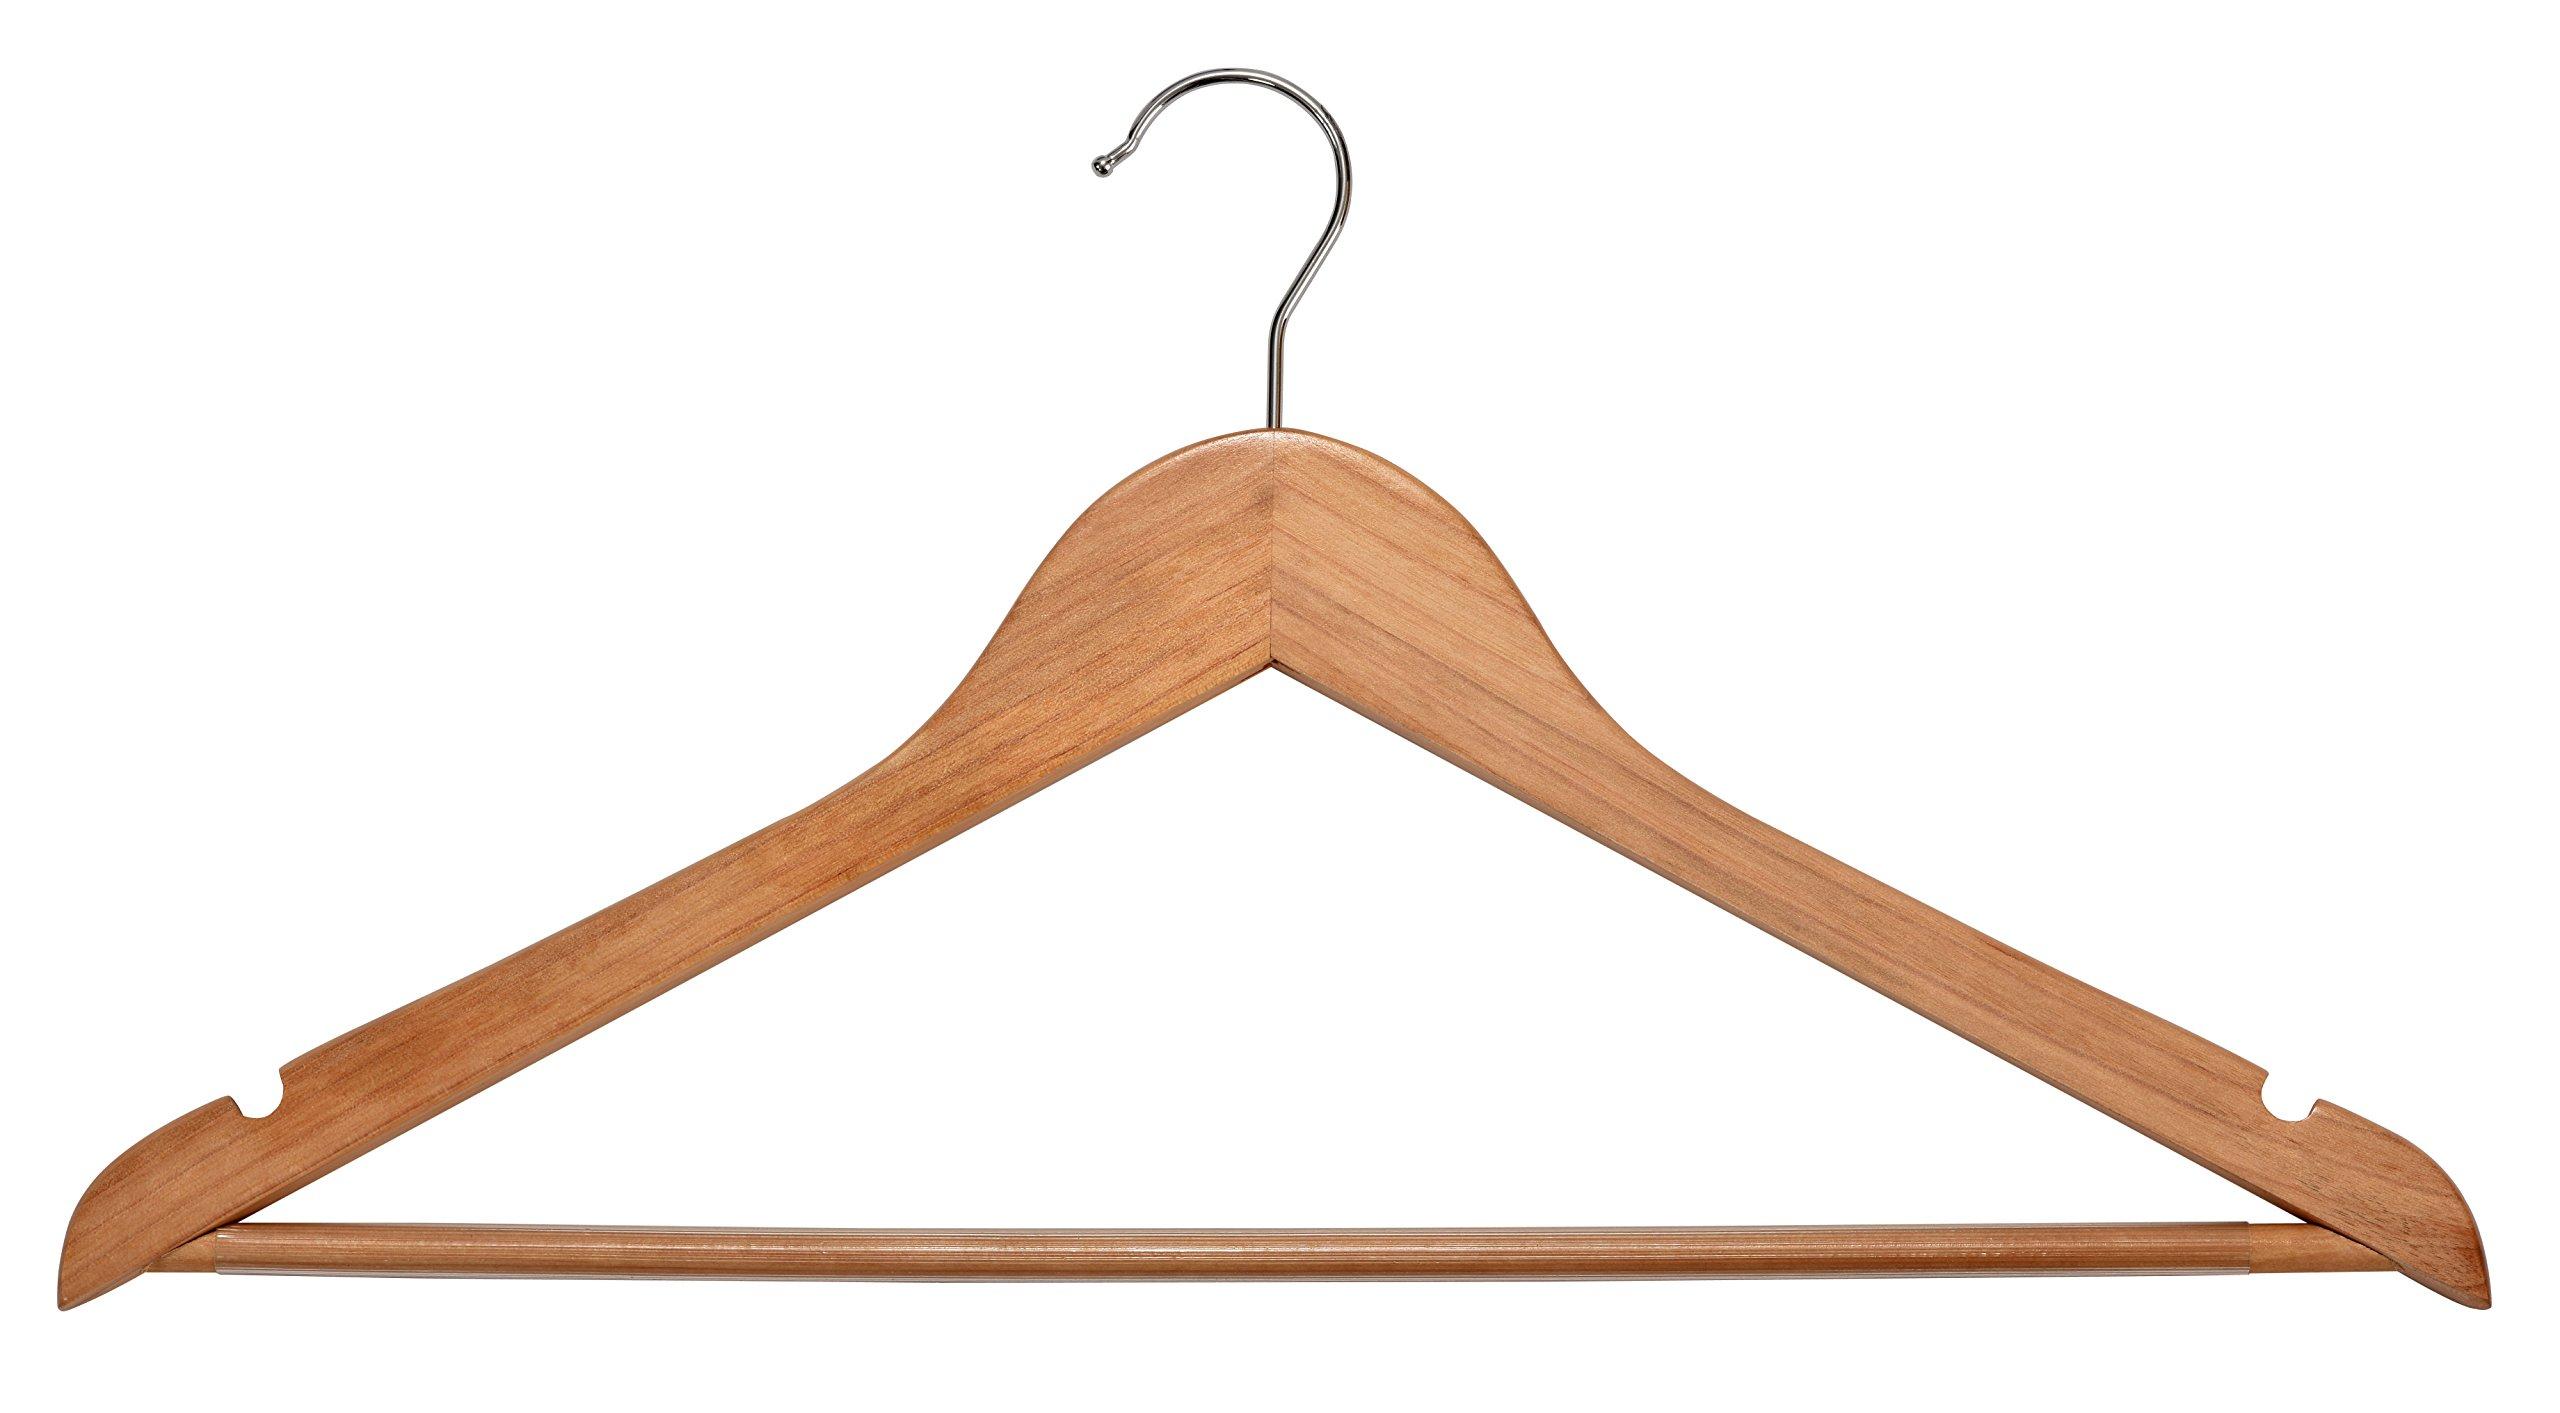 Muscle Rack WCHWB-N30PK Wood Suit Hangers, Natural, 8.5'' Height, 17.5'' Width, 0.25'' Length